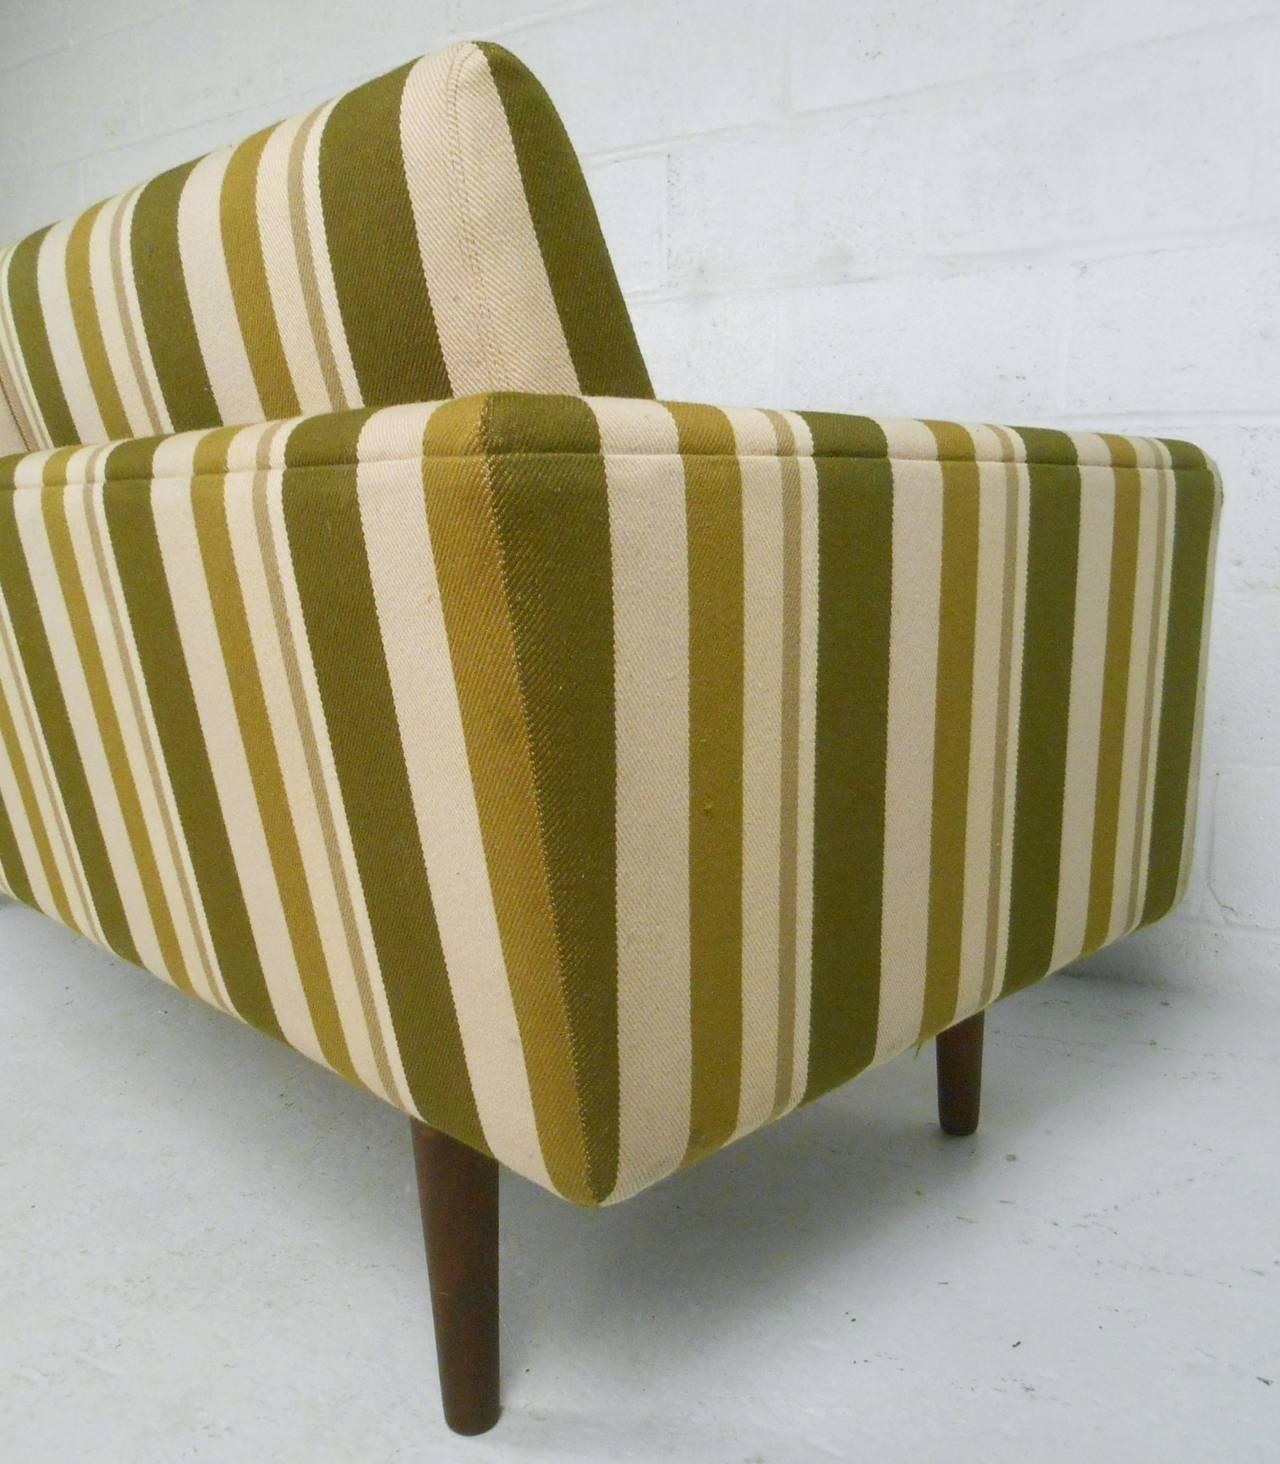 Fabric Large Danish Modern Sofa after Børge Mogensen For Sale